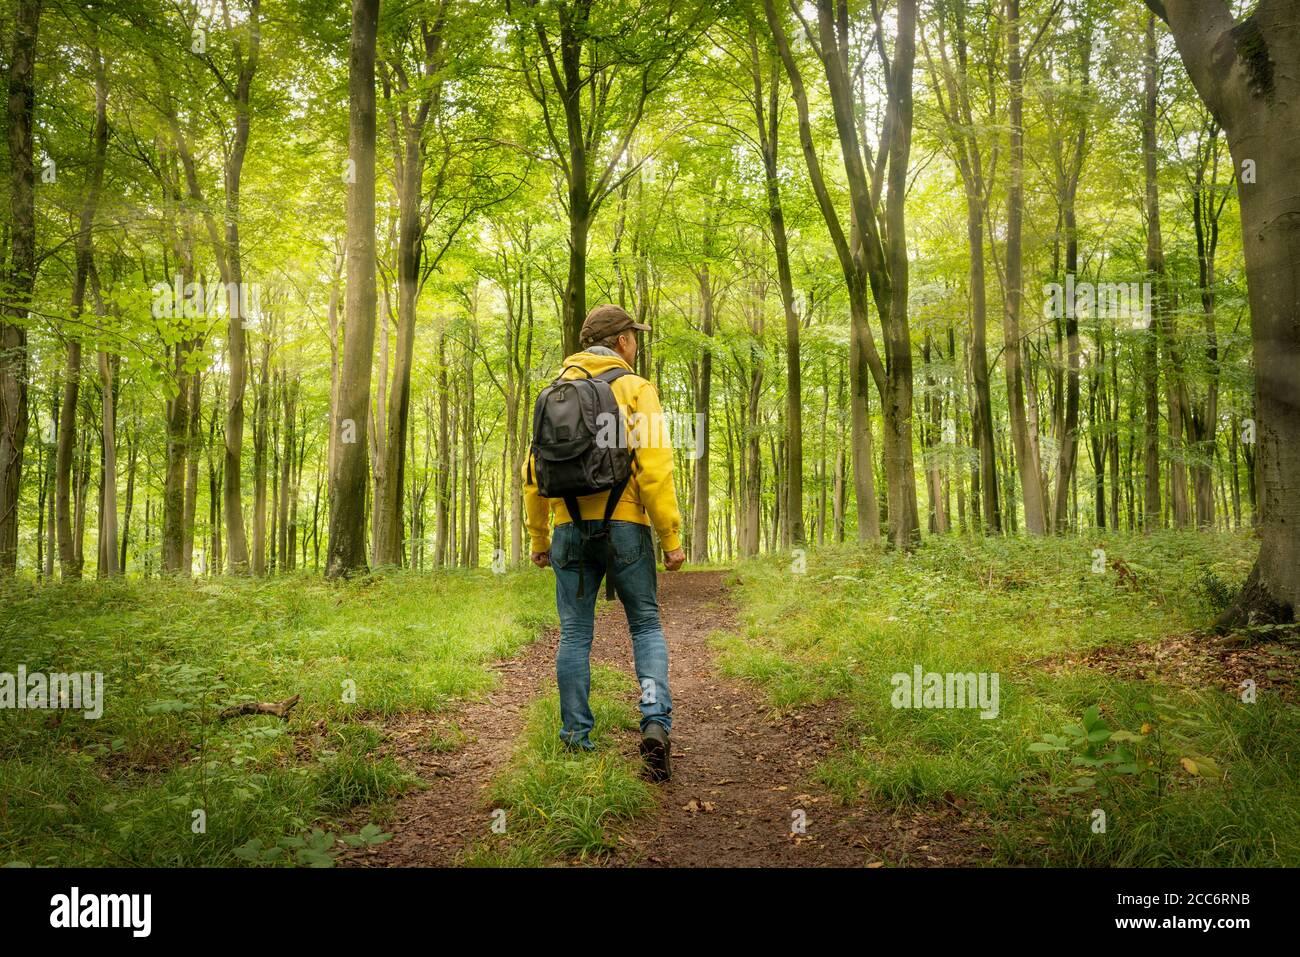 Mochilero macho caminando a través de un bosque arbolado, vista trasera. Foto de stock